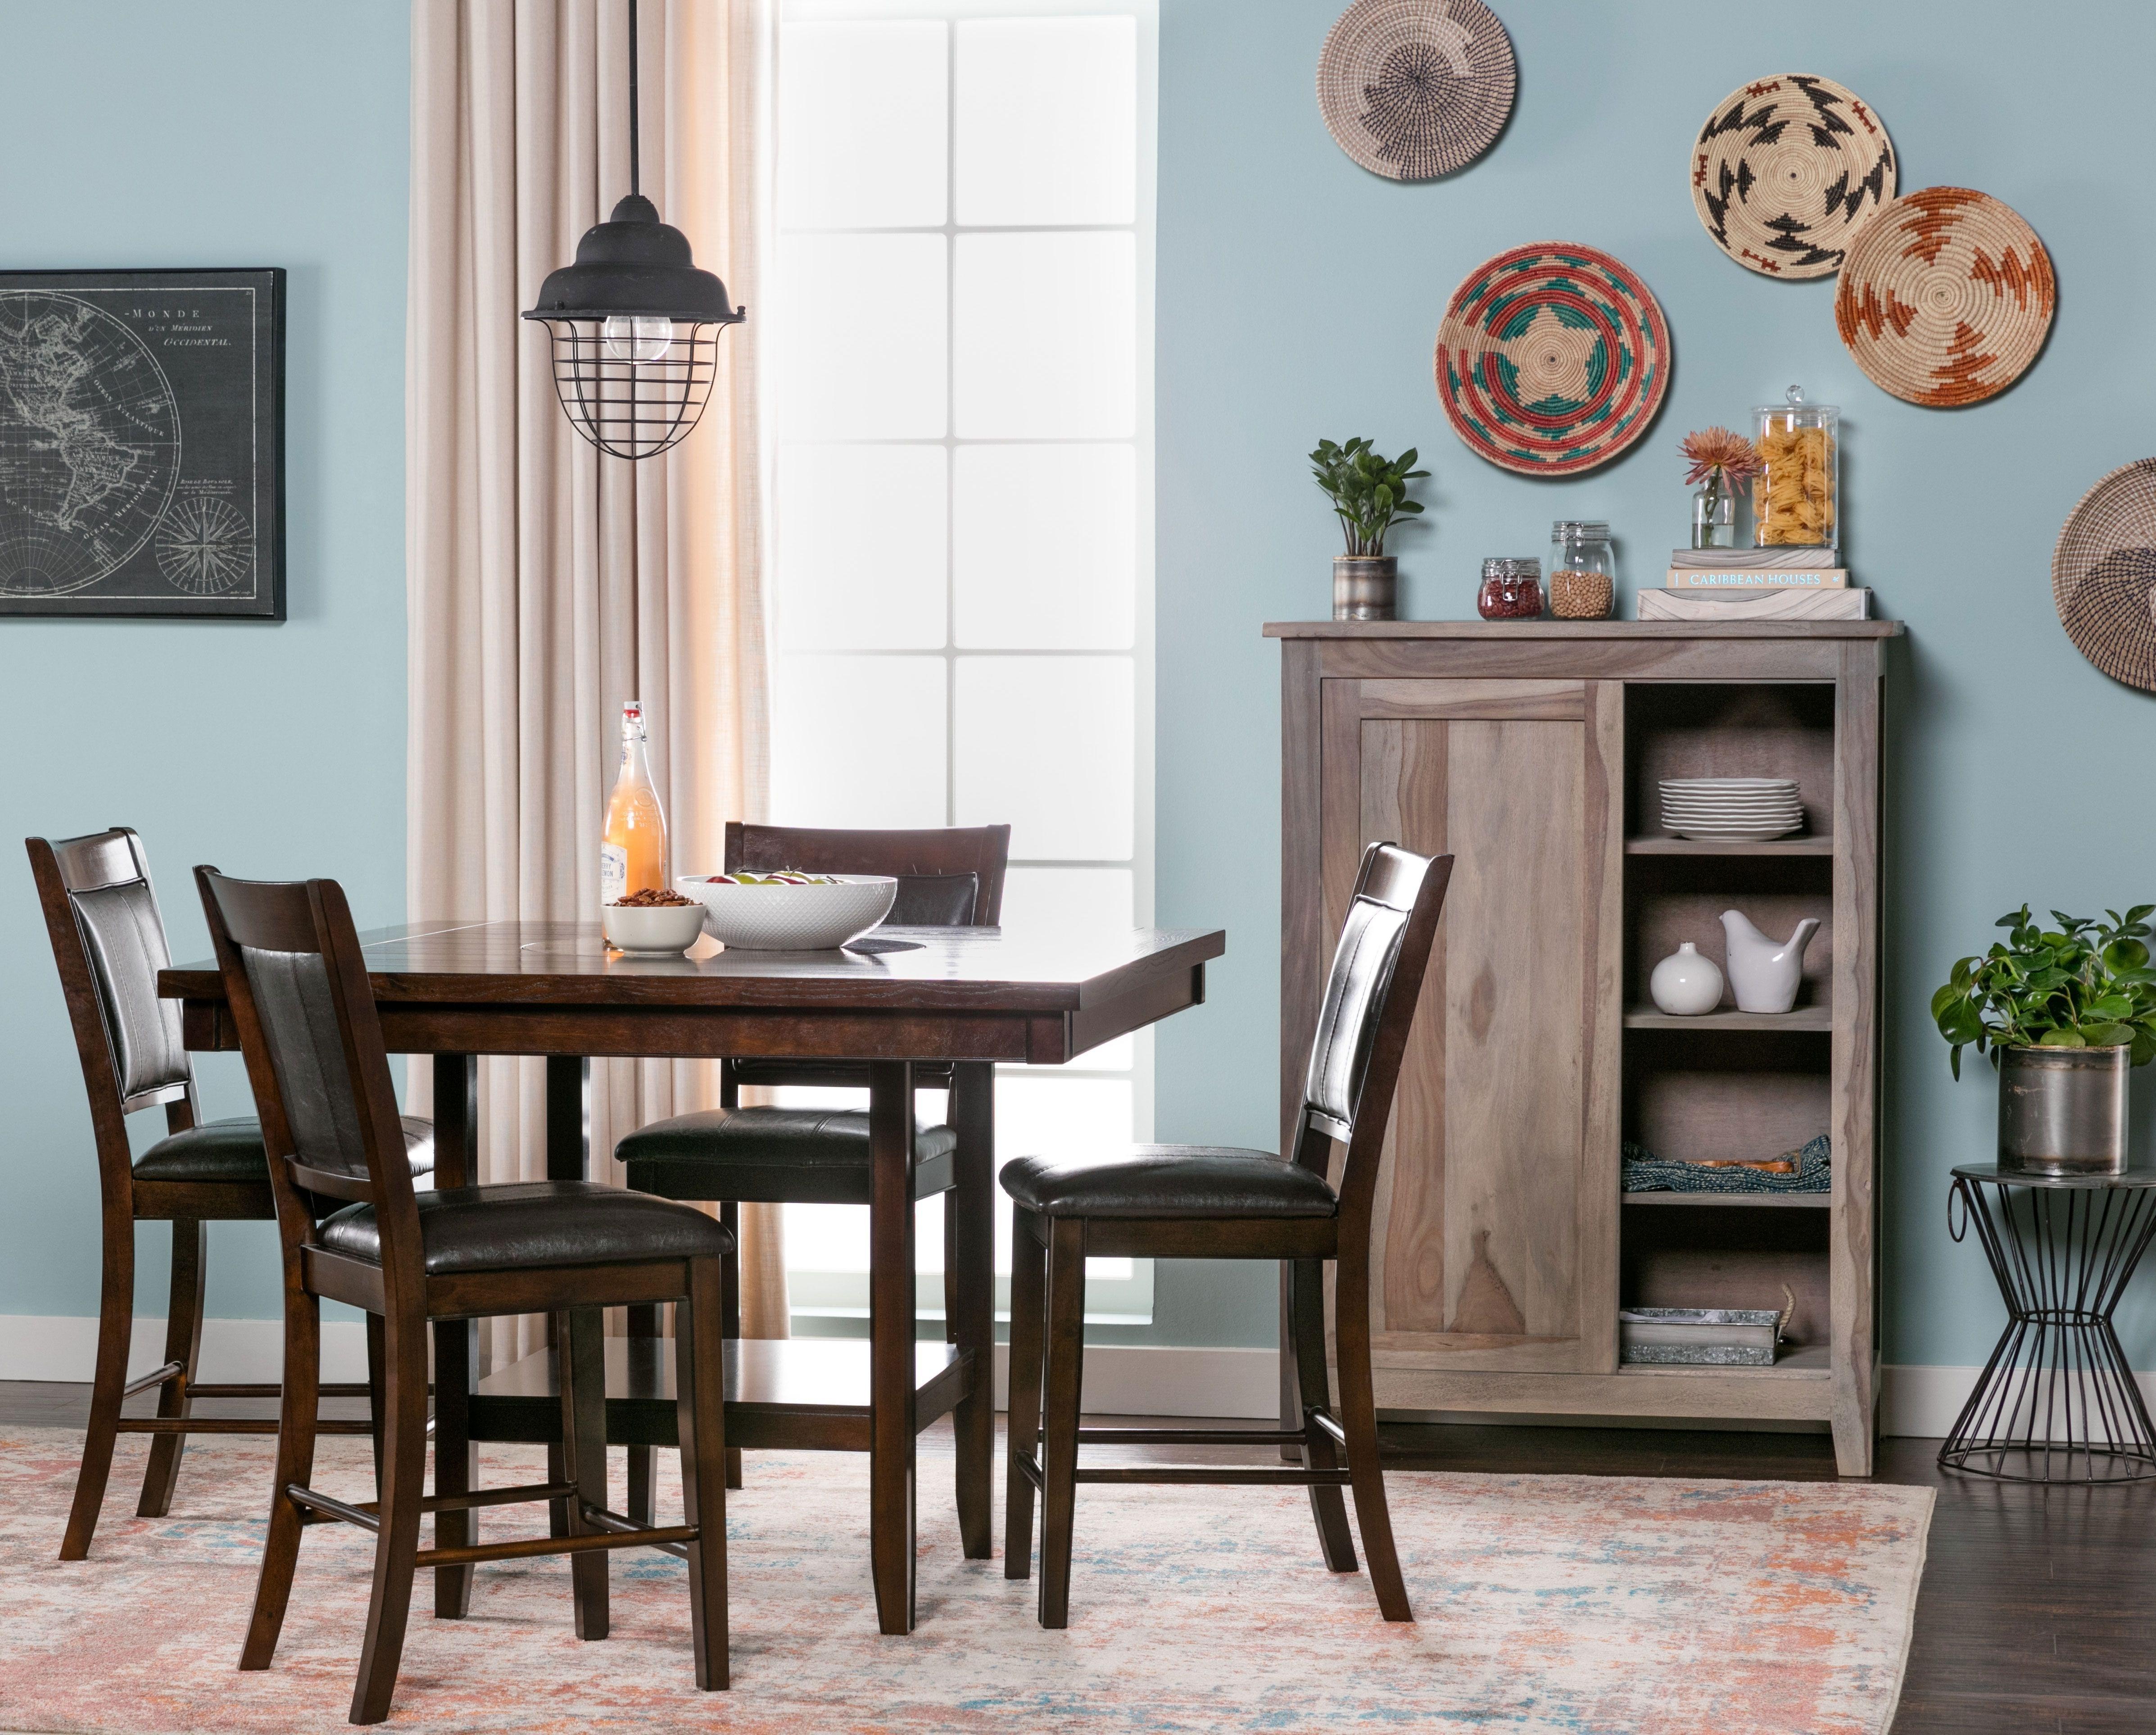 5 Piece Counter Set, Harper, Espresso, Kitchen & Dining Furniture For Current Harper 5 Piece Counter Sets (Image 1 of 20)